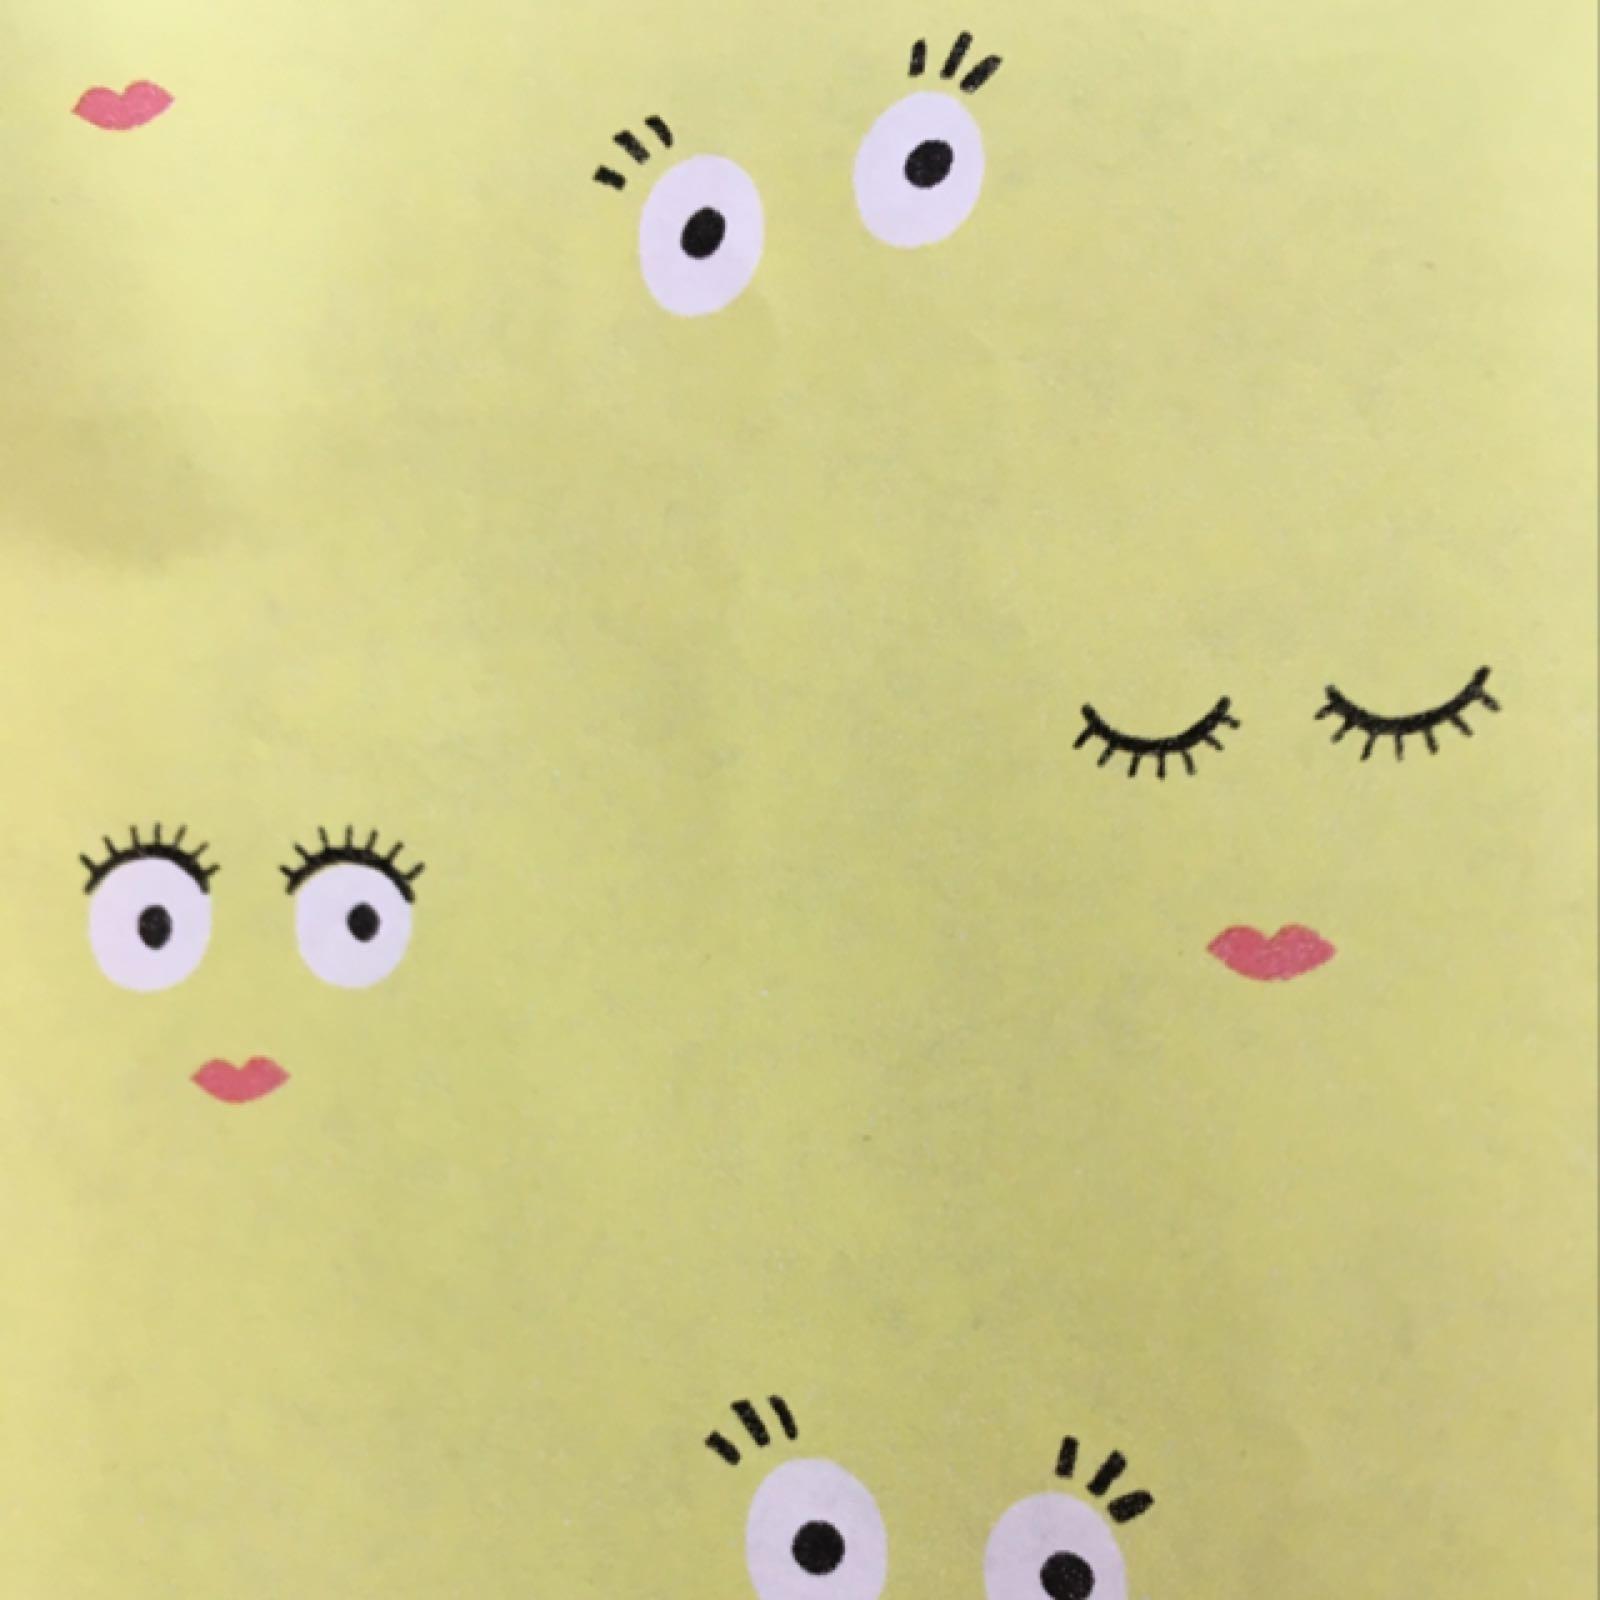 Kuno Wrap (smiley faces)